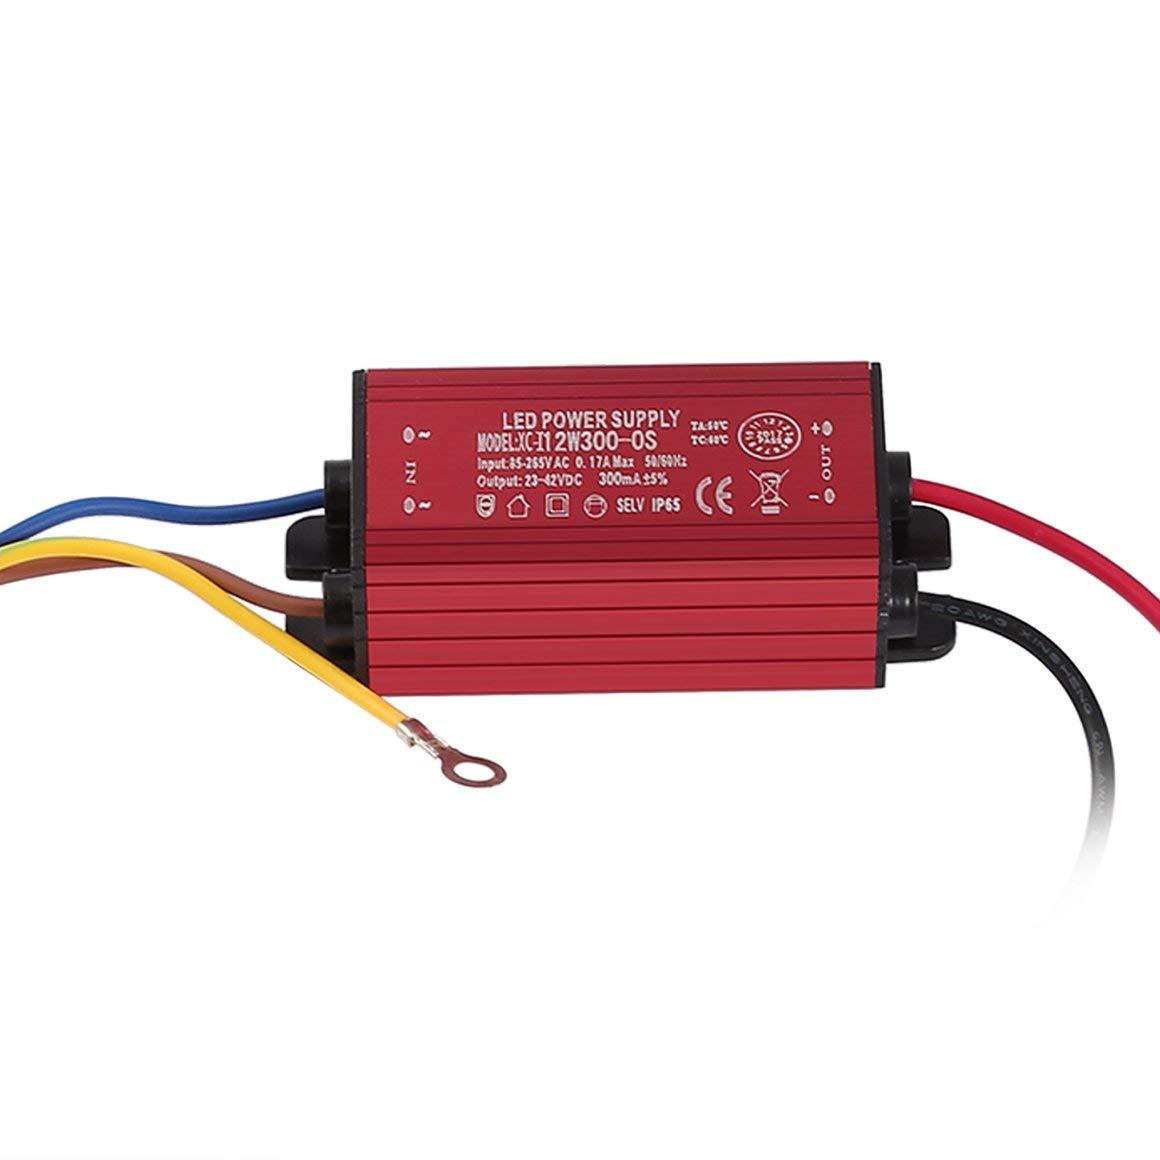 Funnyrunstore Durable 300mA ± 5% 10W IP65 imperméable à l'eau LED éclairage adaptateur de transformateur à courant constant LED d'alimentation pour la lumière d'inondation (couleur: rouge)